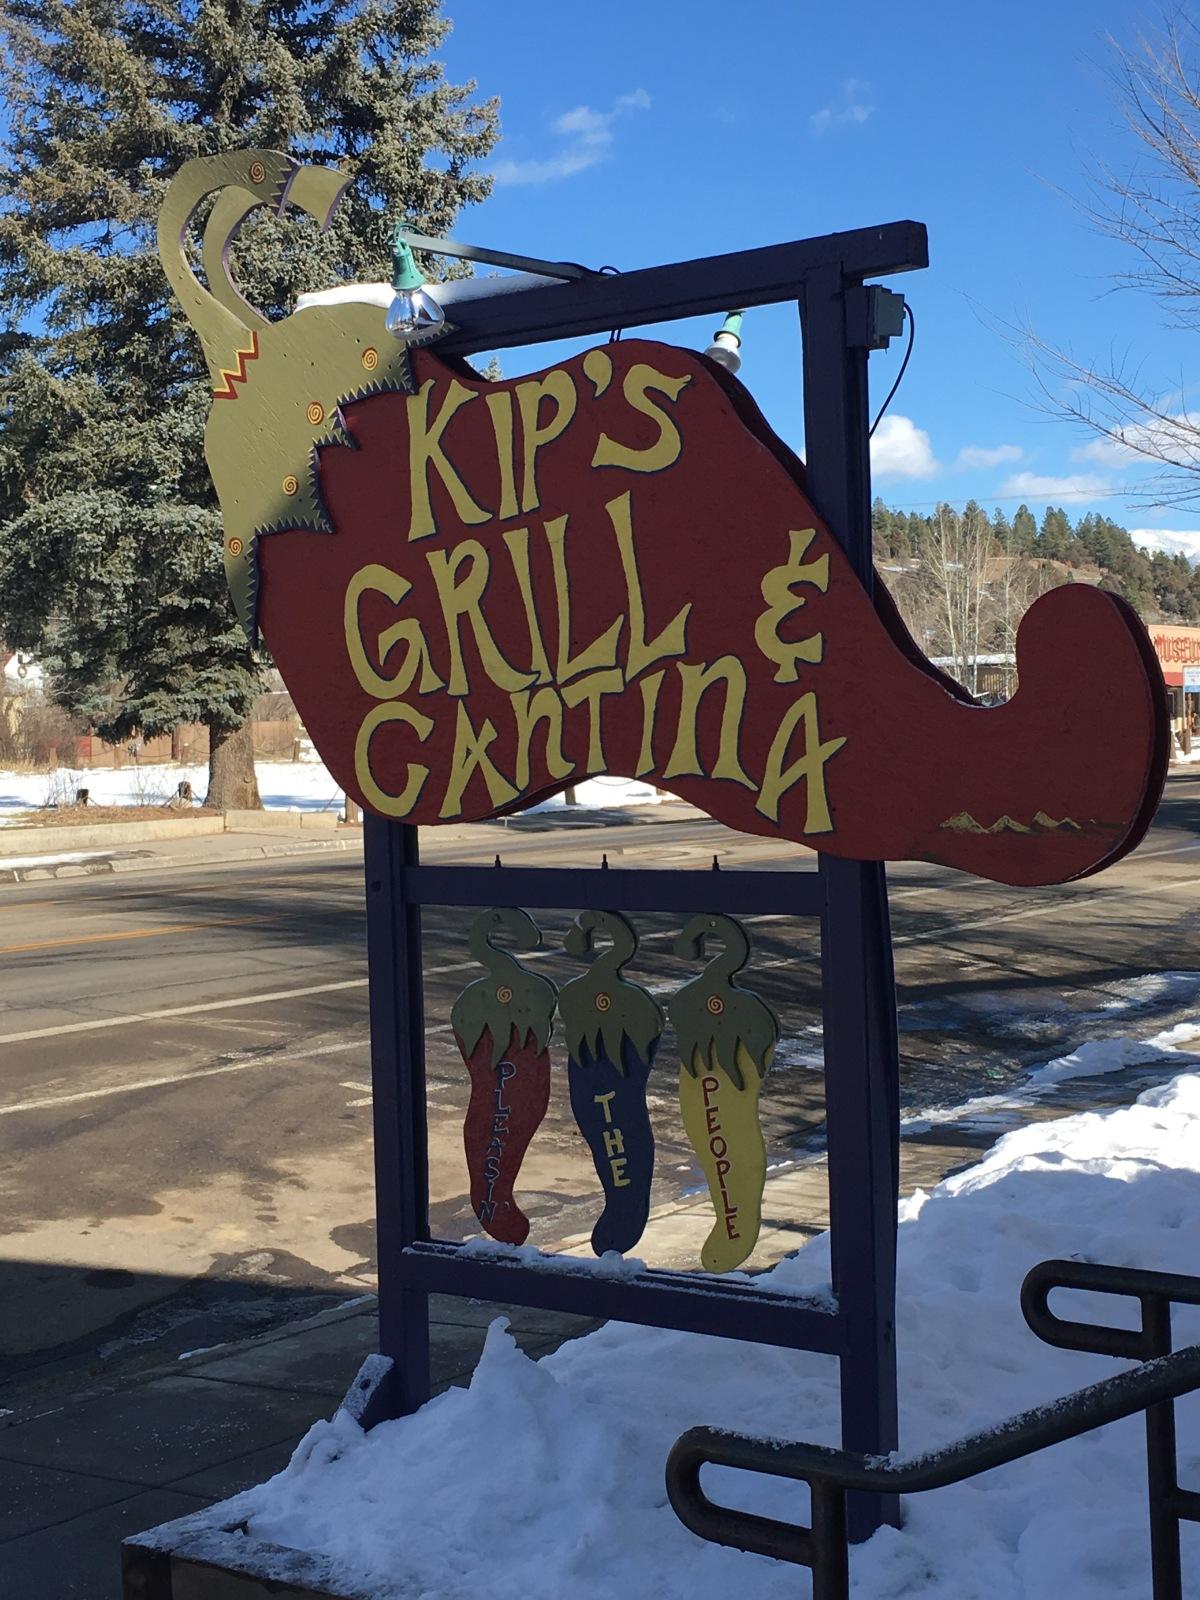 Kips Grill and Cantina Pagosa Springs